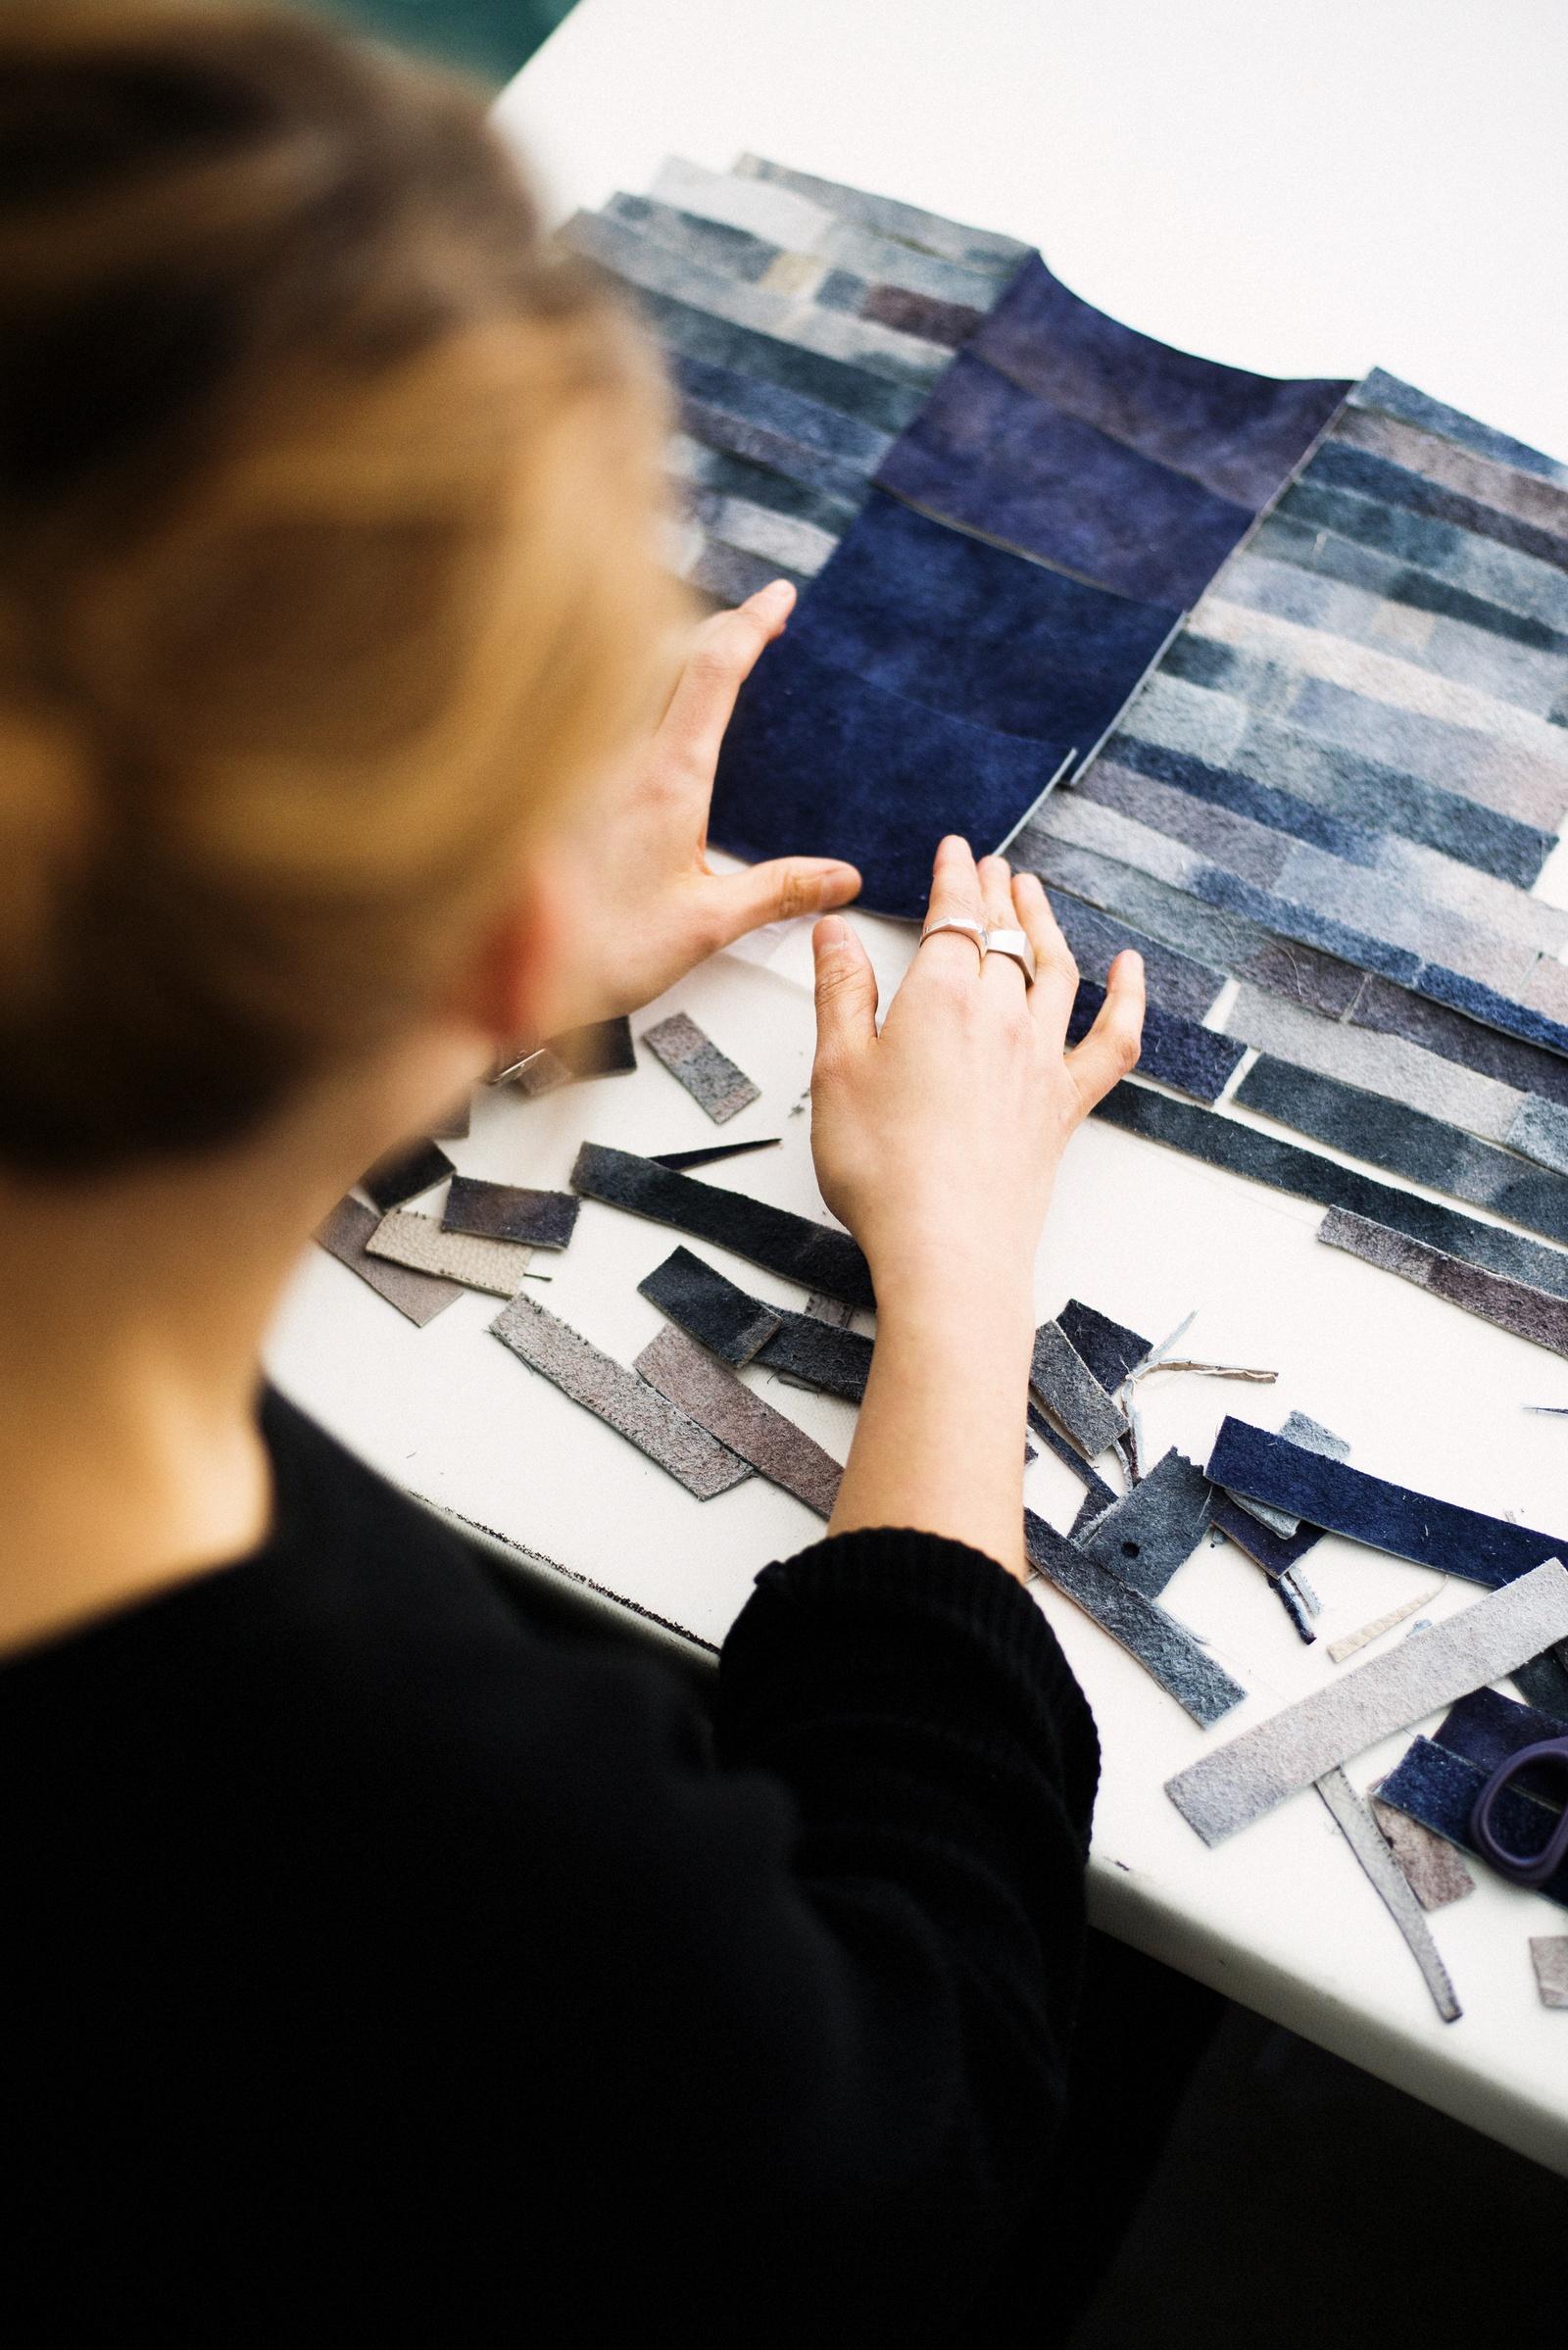 """Installation/kollektion med titel I rörelse av Klara Broström: """"Materialet är kärnan. Jag låter det styra mig till att hitta nya uttryck. För mig handlar textil om yta och struktur, om den taktila och visuella känslan. Jag inspireras av att jobba experimentellt, att låta arbetet och uttrycket formas längs vägen. Att skapa ett material från första tråden eller att se möjligheterna i det redan använda. Att bearbeta, manipulera, ta isär och bygga upp. Förvandla, förvalta, förädla. I form av kläder får mina material ett nytt sammanhang, nytt liv."""" (Foto Erik Thor)"""